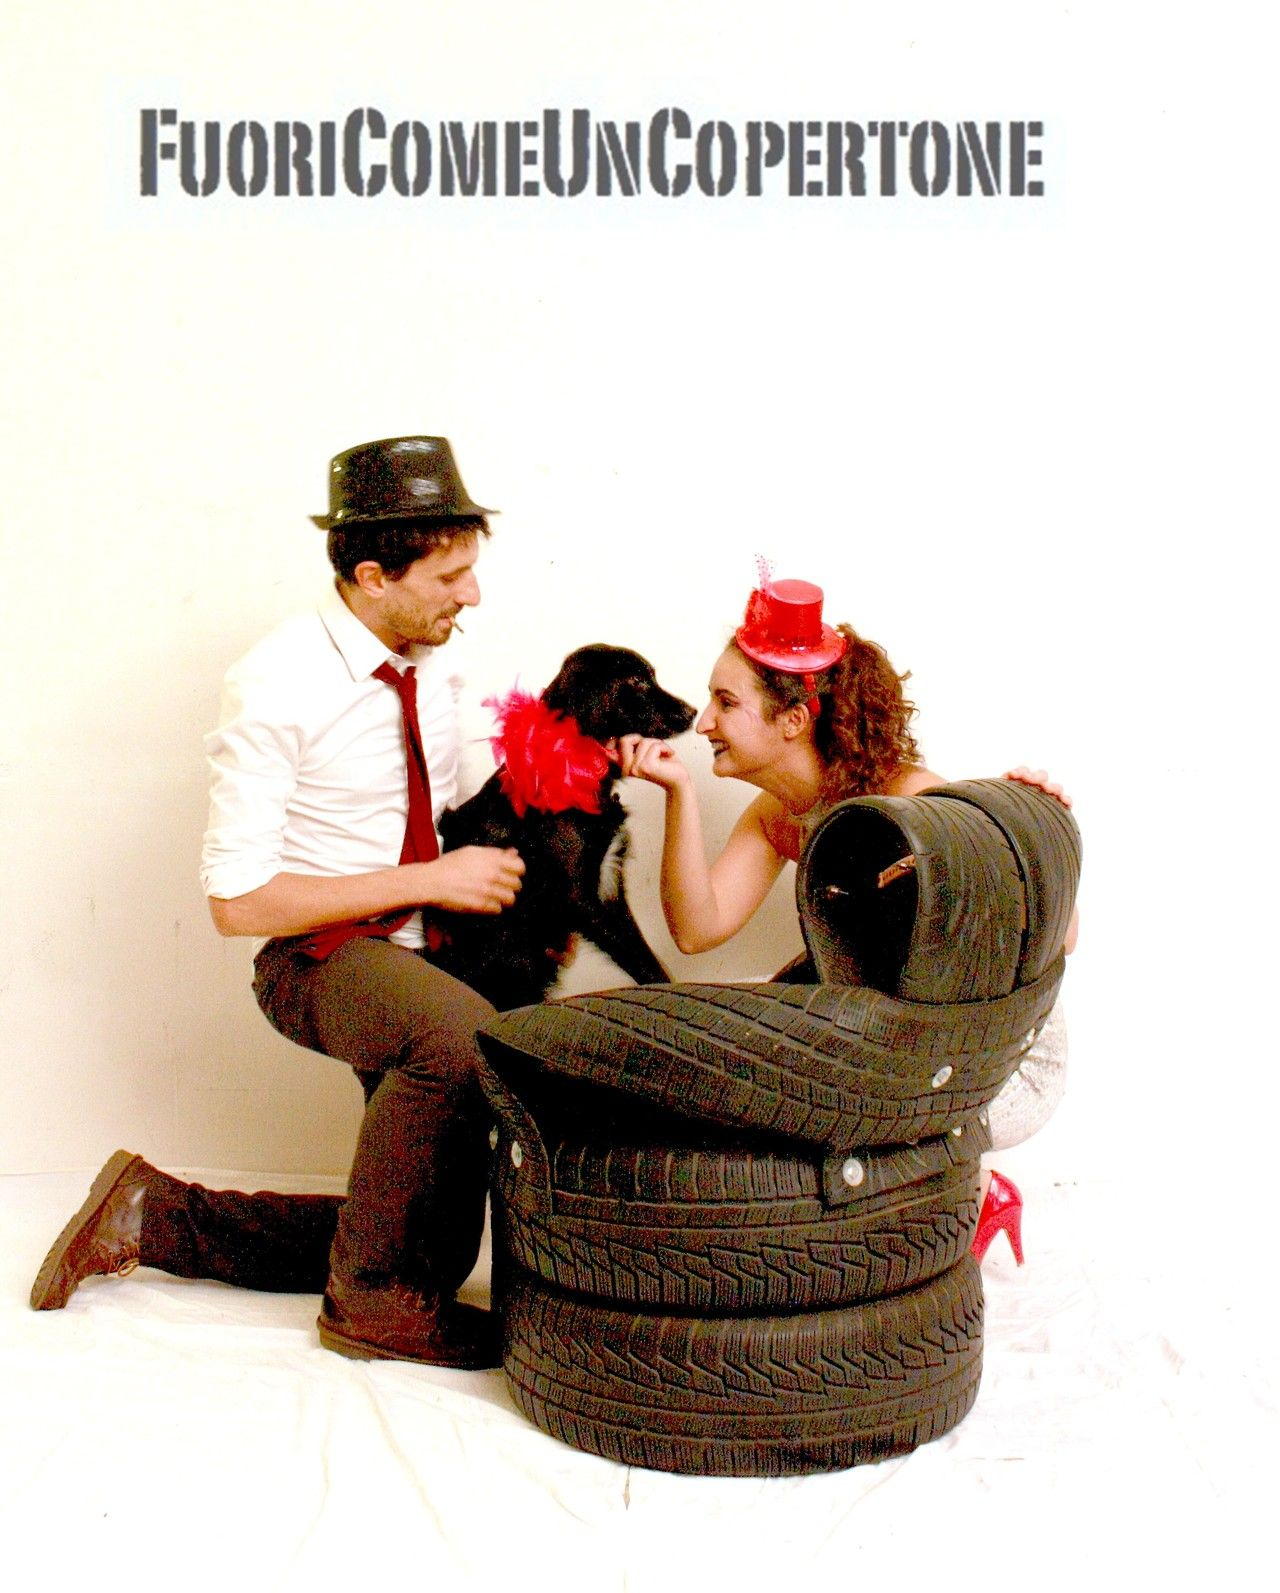 Andrea, Moka e Zoeper Fuori Come Un Copertone. #degonflage #fuoricomeuncopertone #pneumatici #poltrone #family